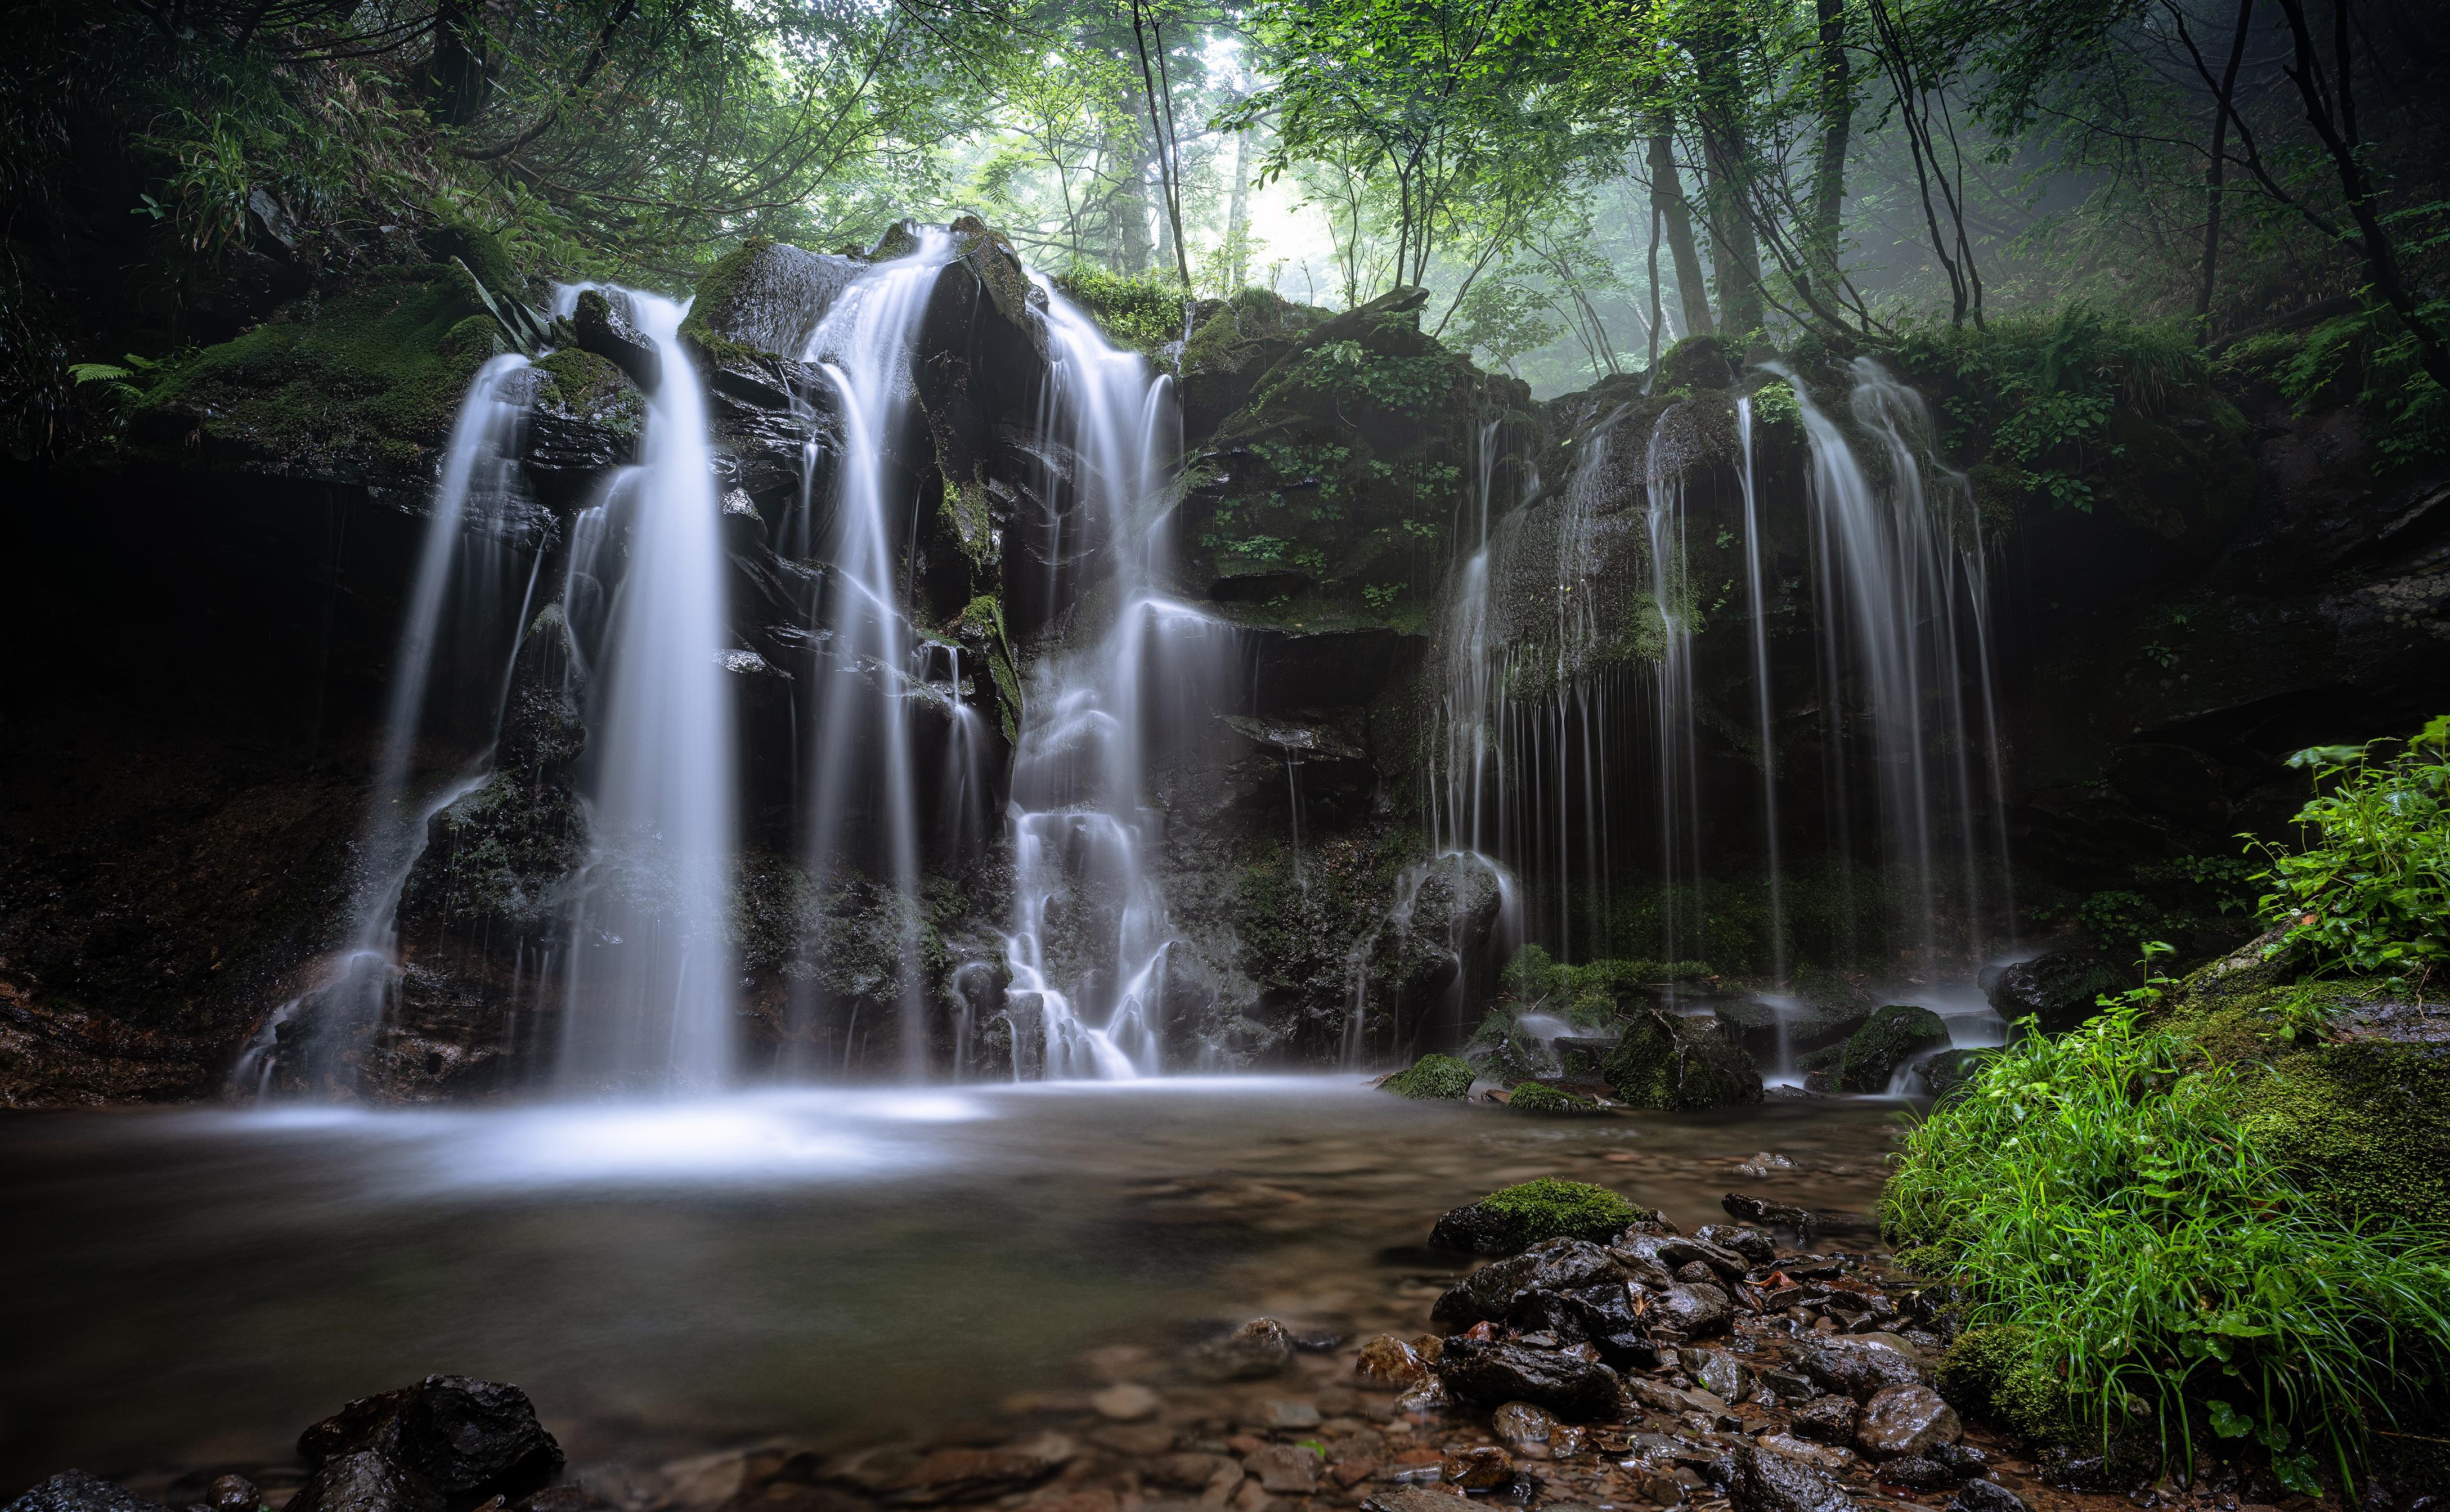 Nature Rock Stream Vegetation Waterfall 4354x2687